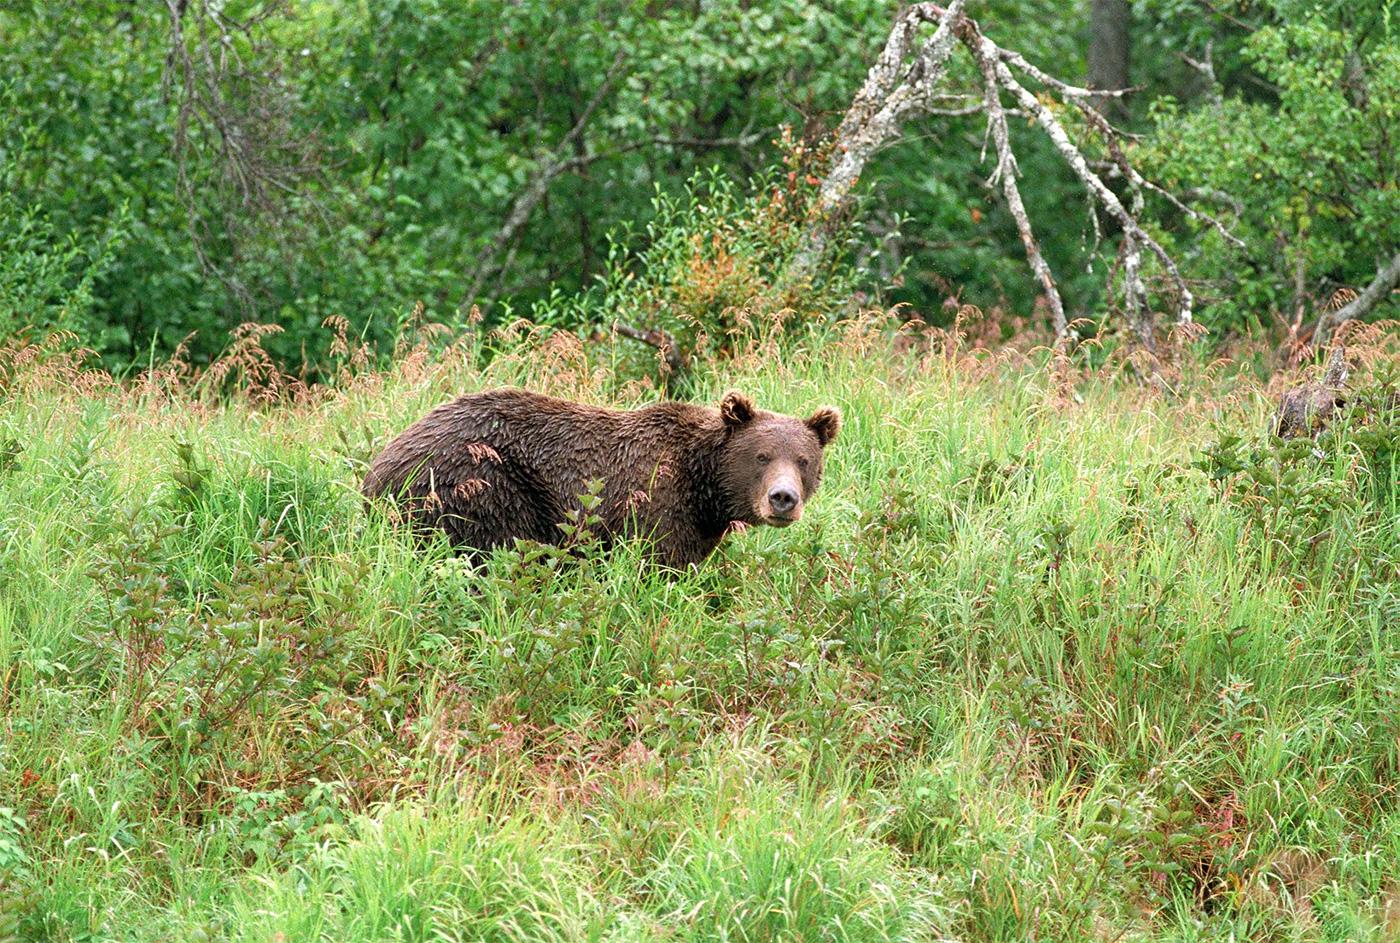 bear-in-grass